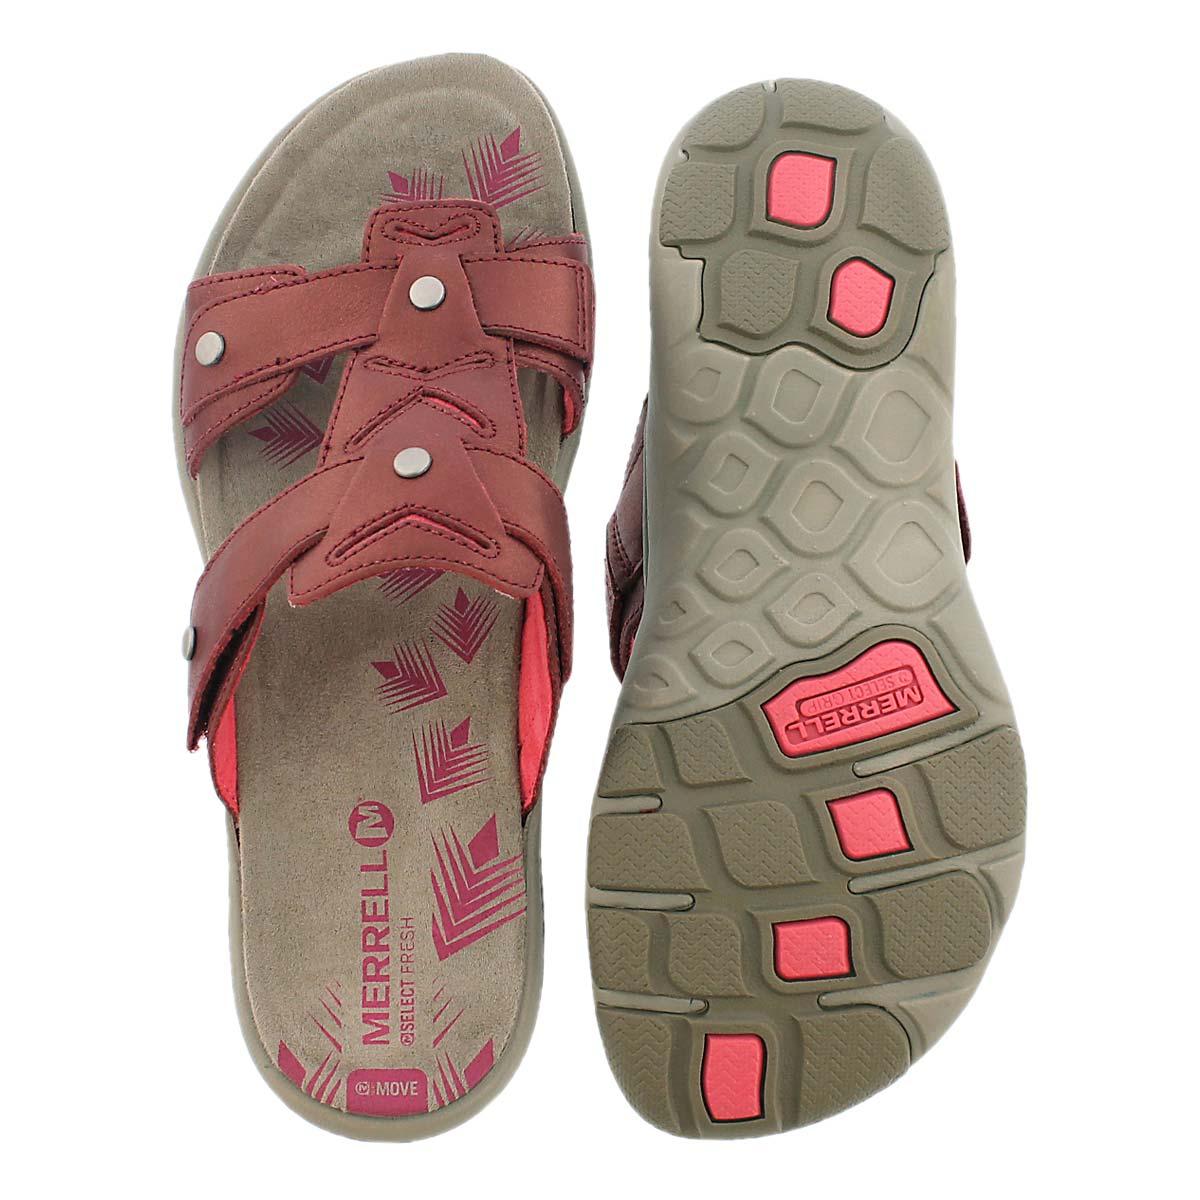 Sandale � enfiler Adhera Slide, rge, fem